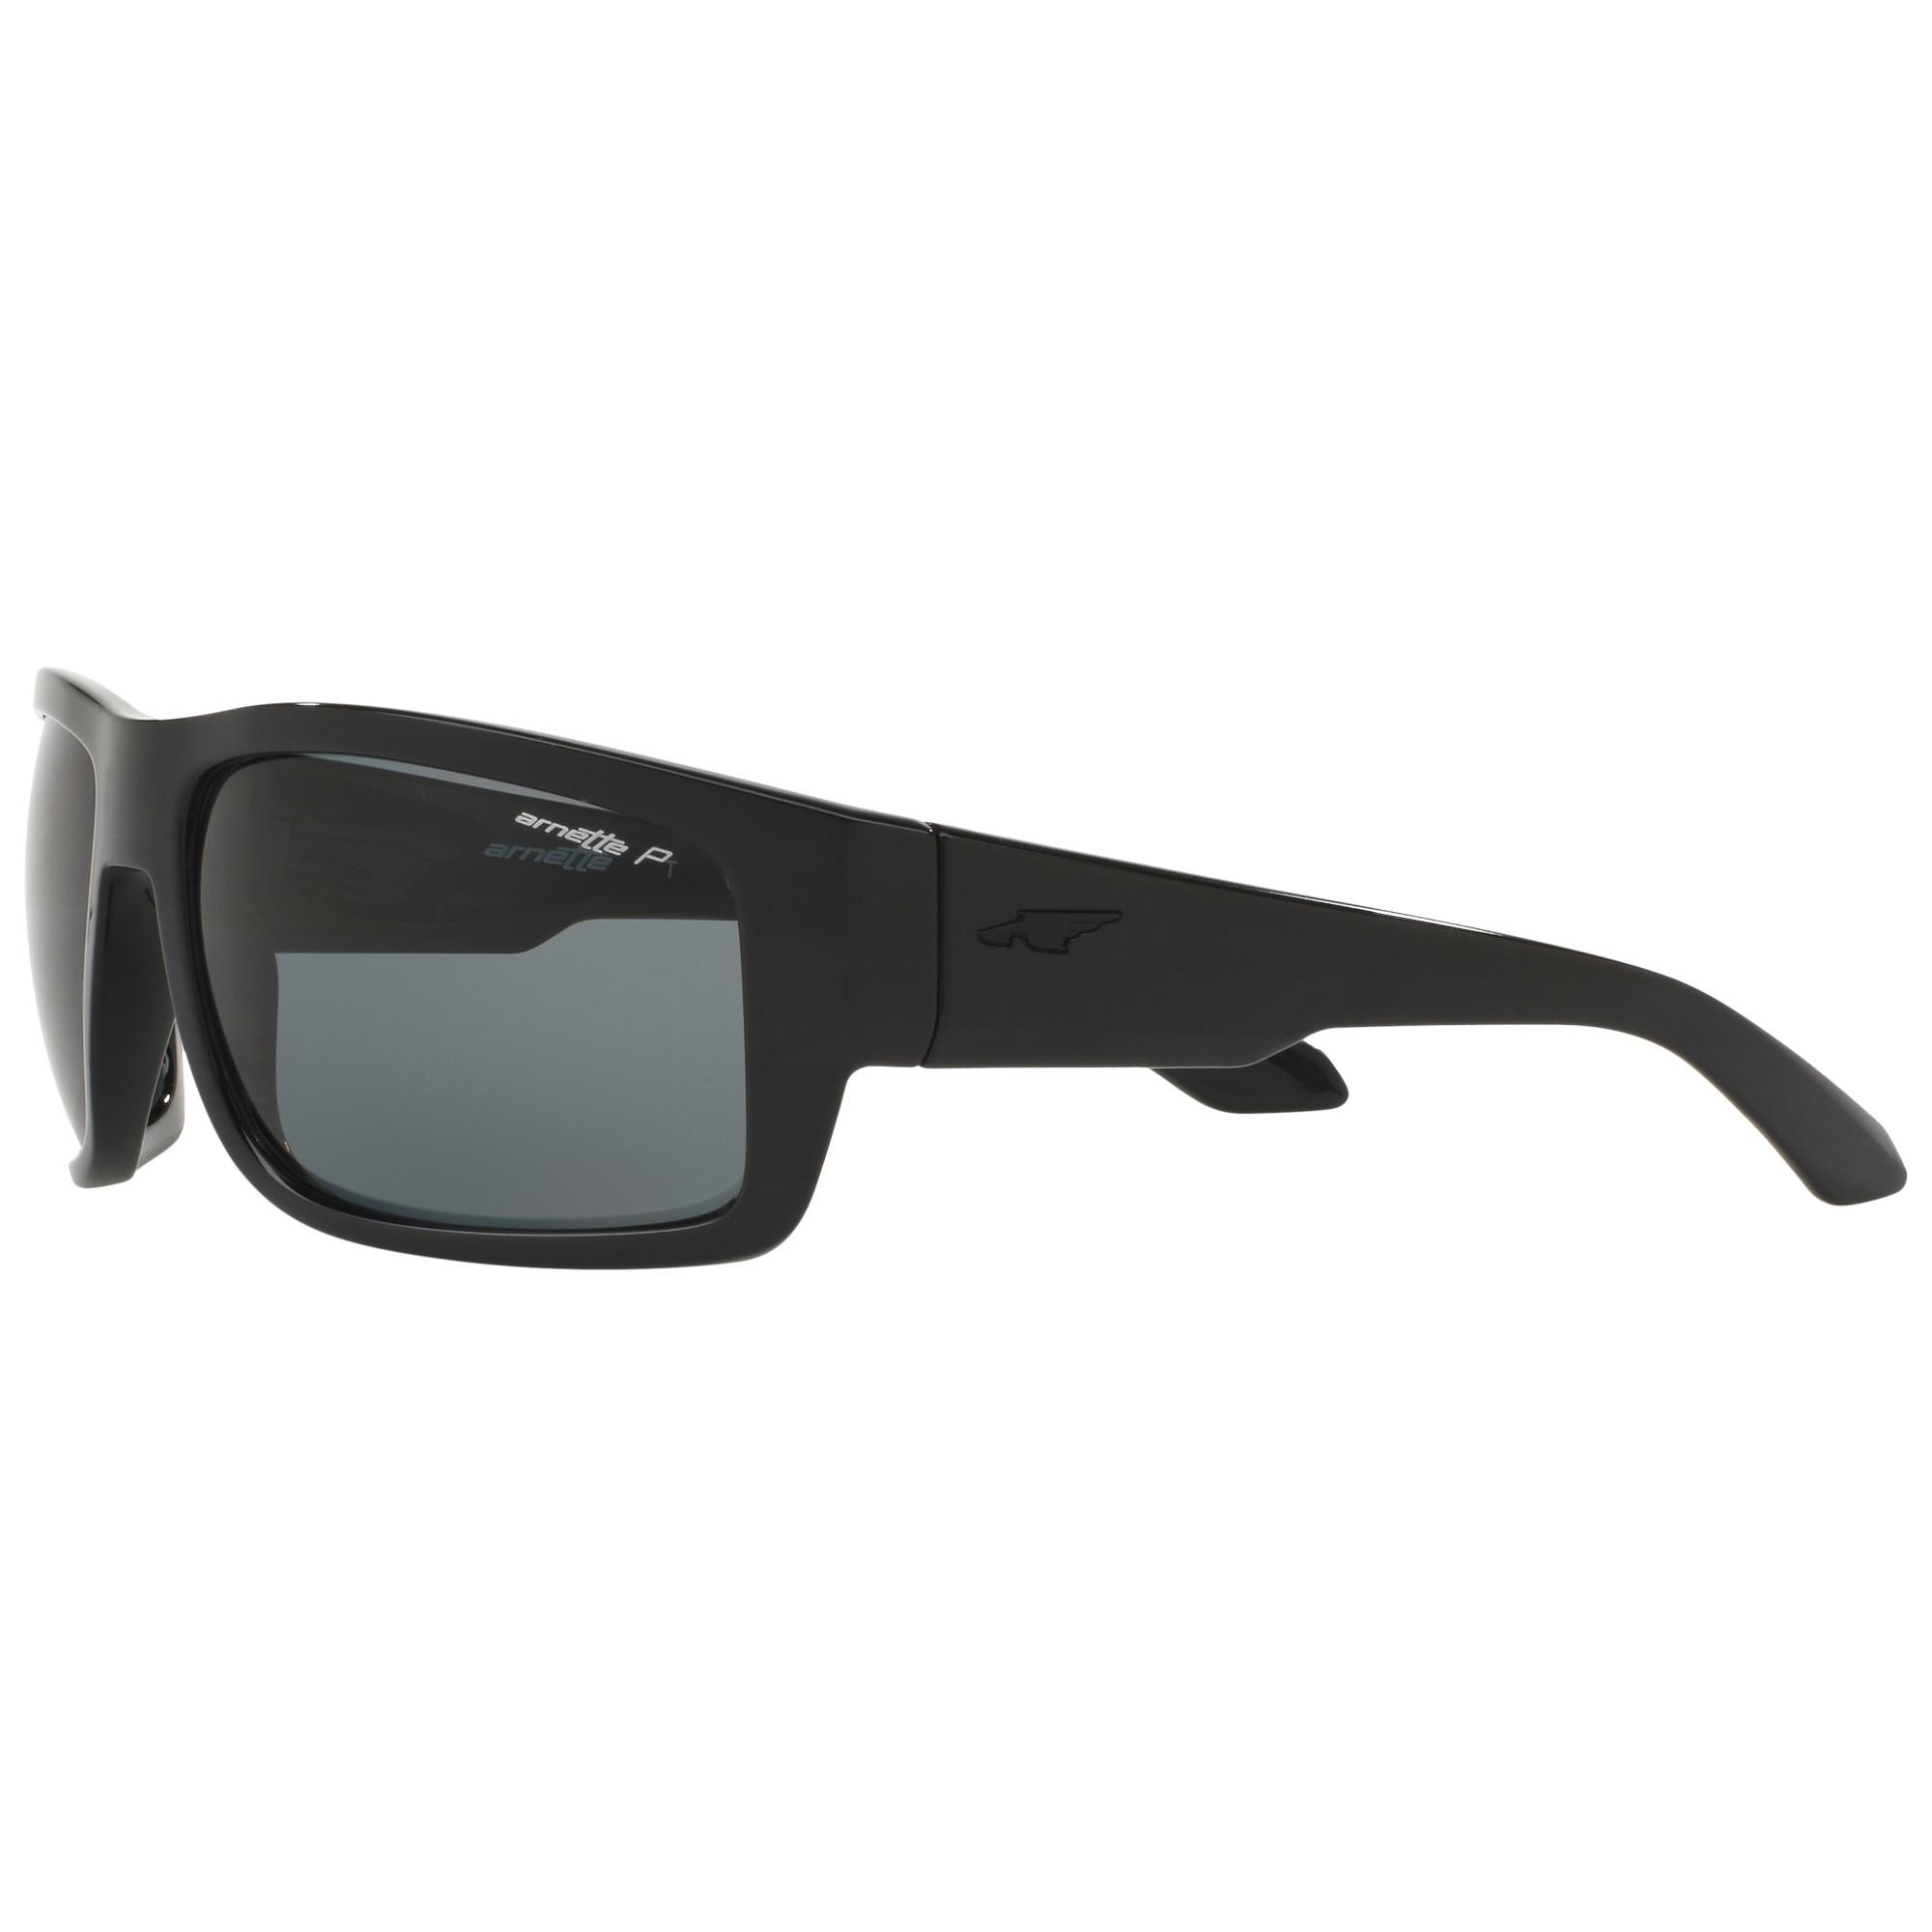 Arnette An4221 Rectangular Polarised Sunglasses in Black